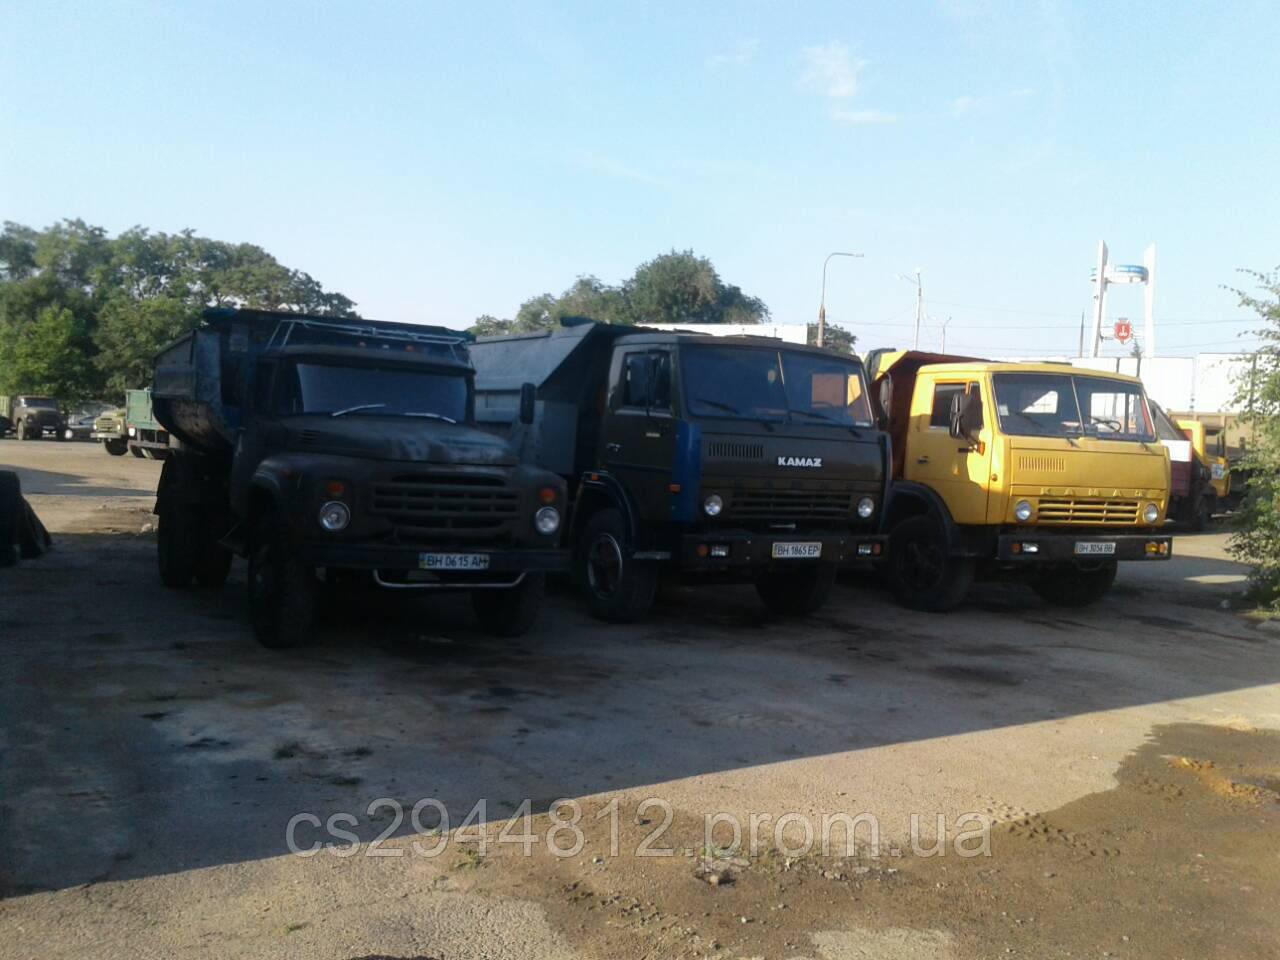 Доставка сыпучих материалов, грузоперевозки, вывоз мусора  Одесса